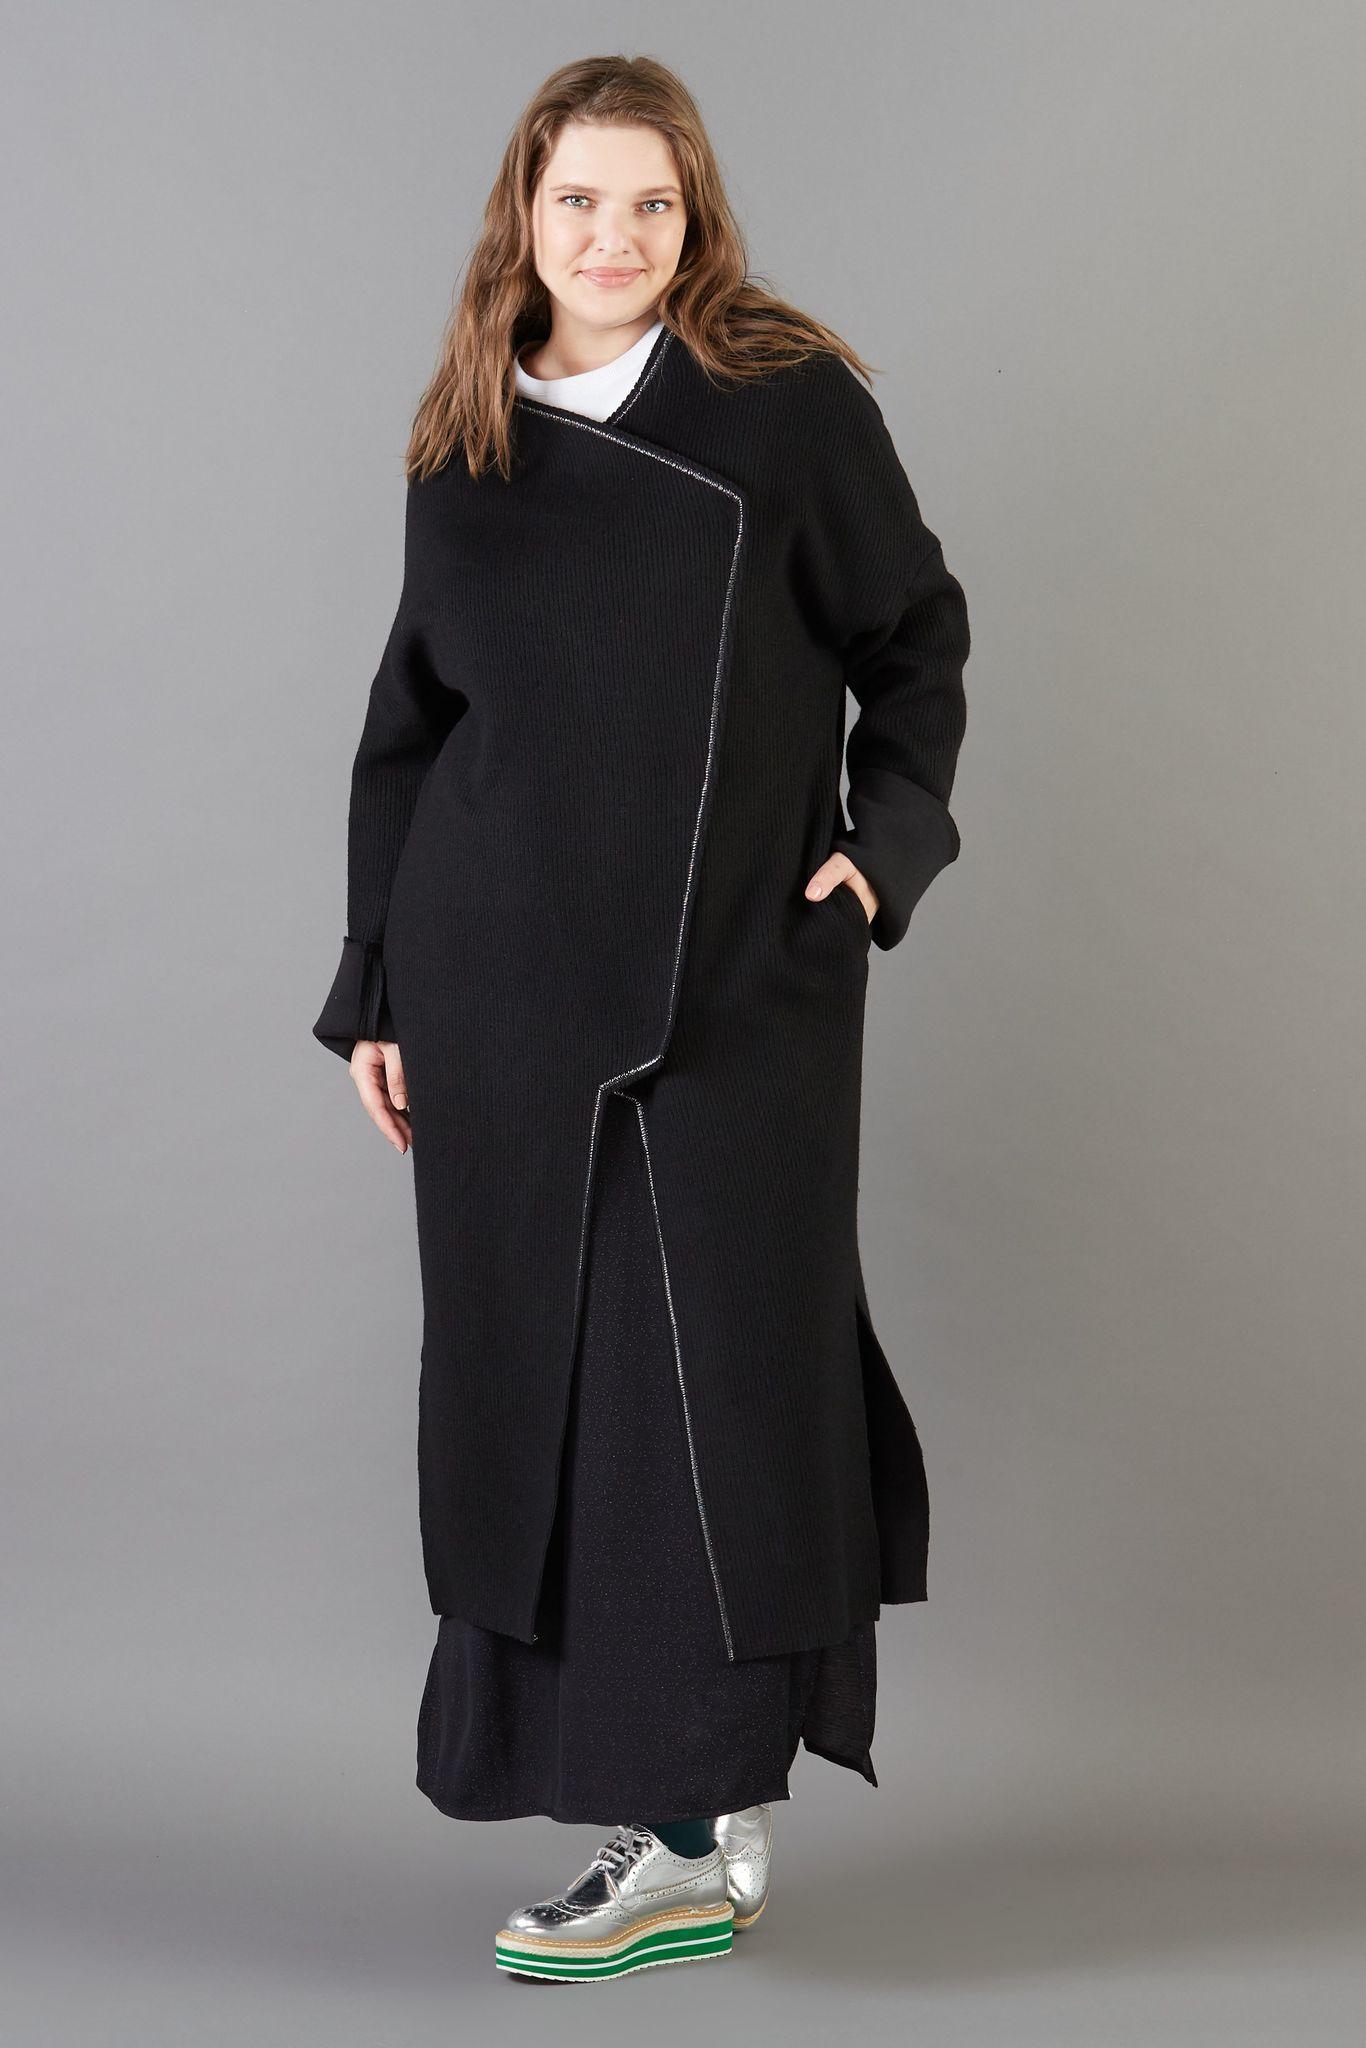 Кардиган-пальто LE-06 CА01 01Сейчас покупают<br>Свободный мягкий кардиган-пальто без подкладки с контрастной строчкой люрексовой нитью. Правильный баланс шерсти и вискозы в составе - позволит носить его осенью и даже мягкой зимой. Пластичный, легкий, немнущийся, идеально - в городе и в путешествии. Рост модели на фото 178 см, размер 54 (российский).<br>